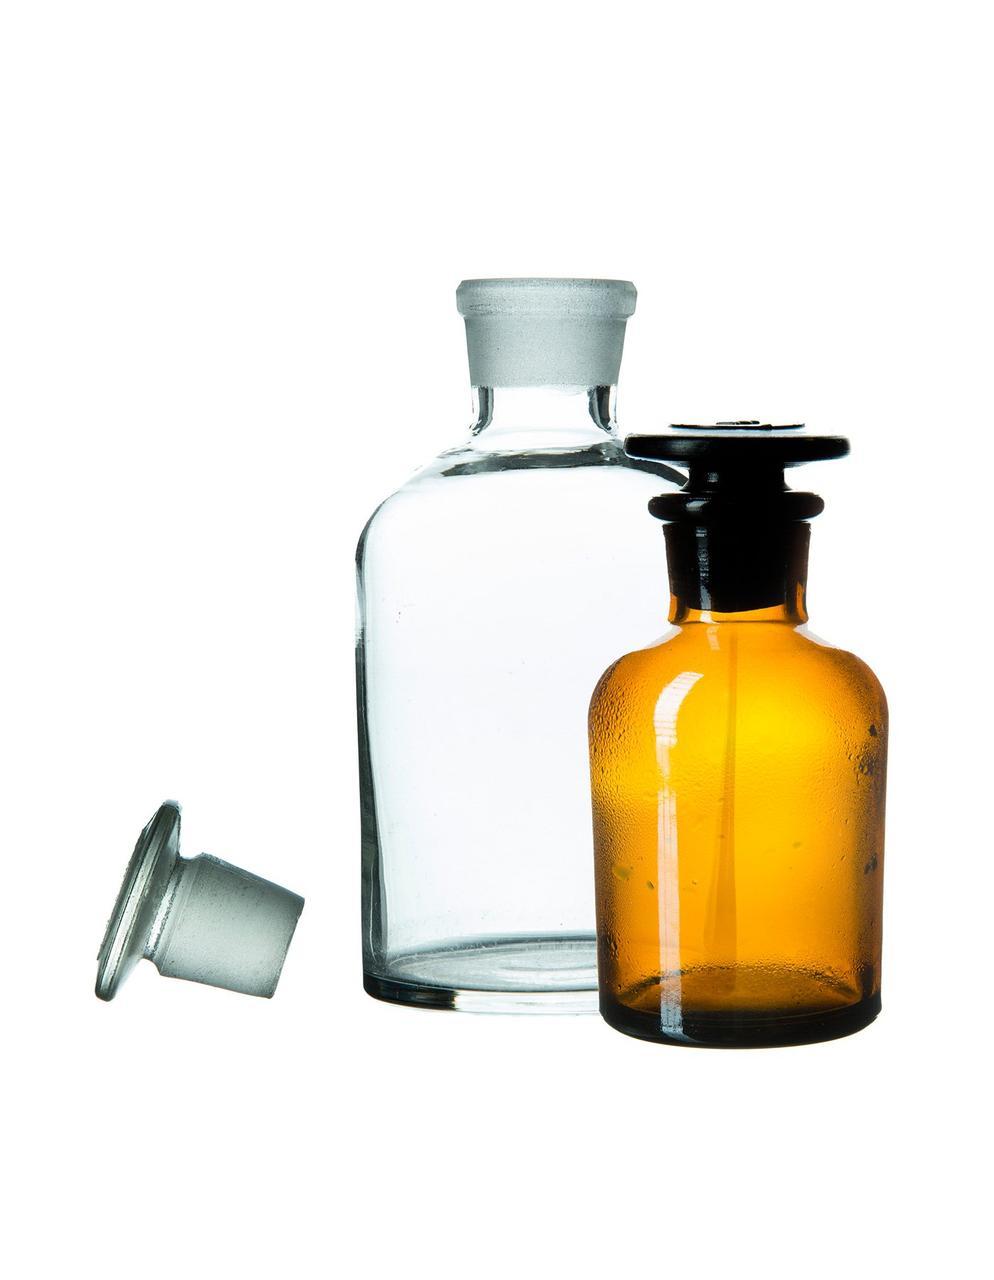 Склянка д/реактивов, темное стекло,с узкой горловиной и притертой пробкой,    5000 мл